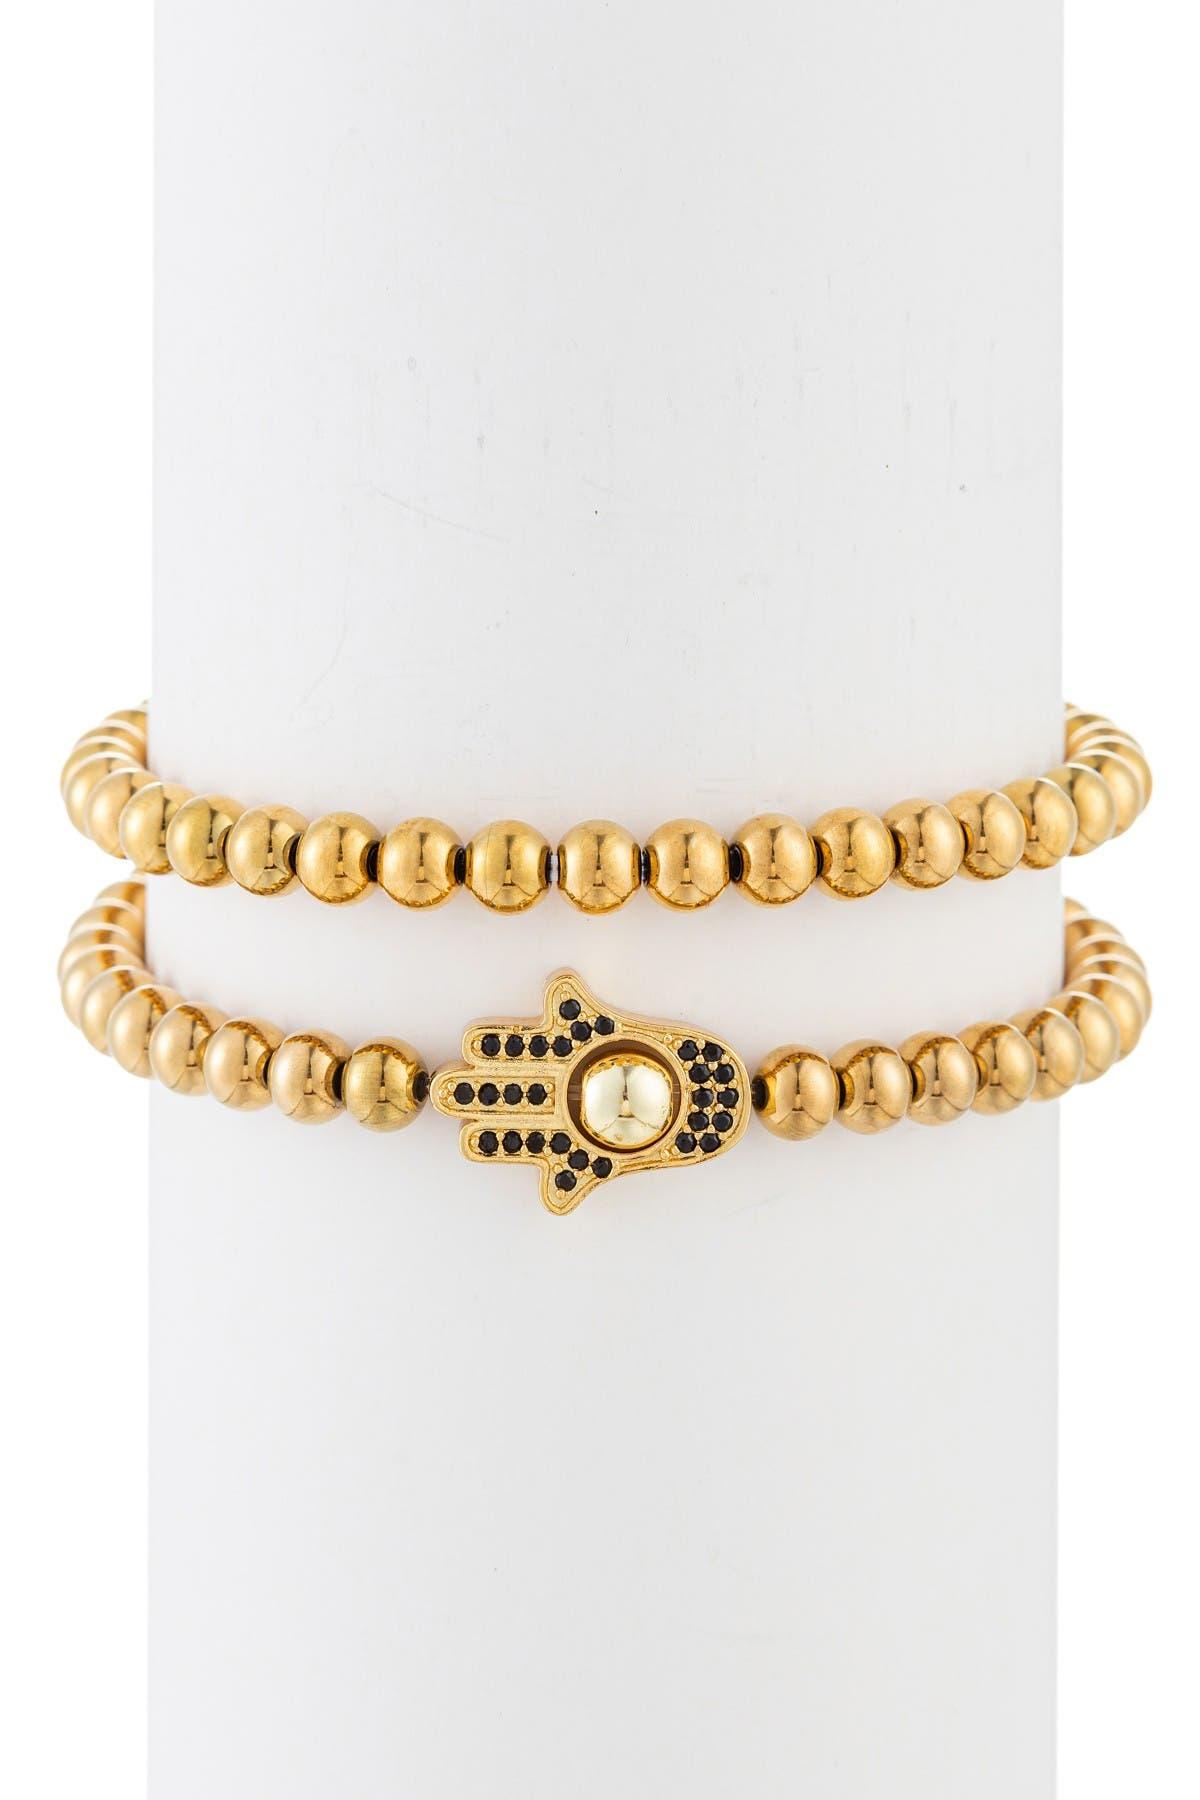 Image of Eye Candy Los Angeles Jacob Hamsa CZ Titanium Beaded Bracelet - Set of 2